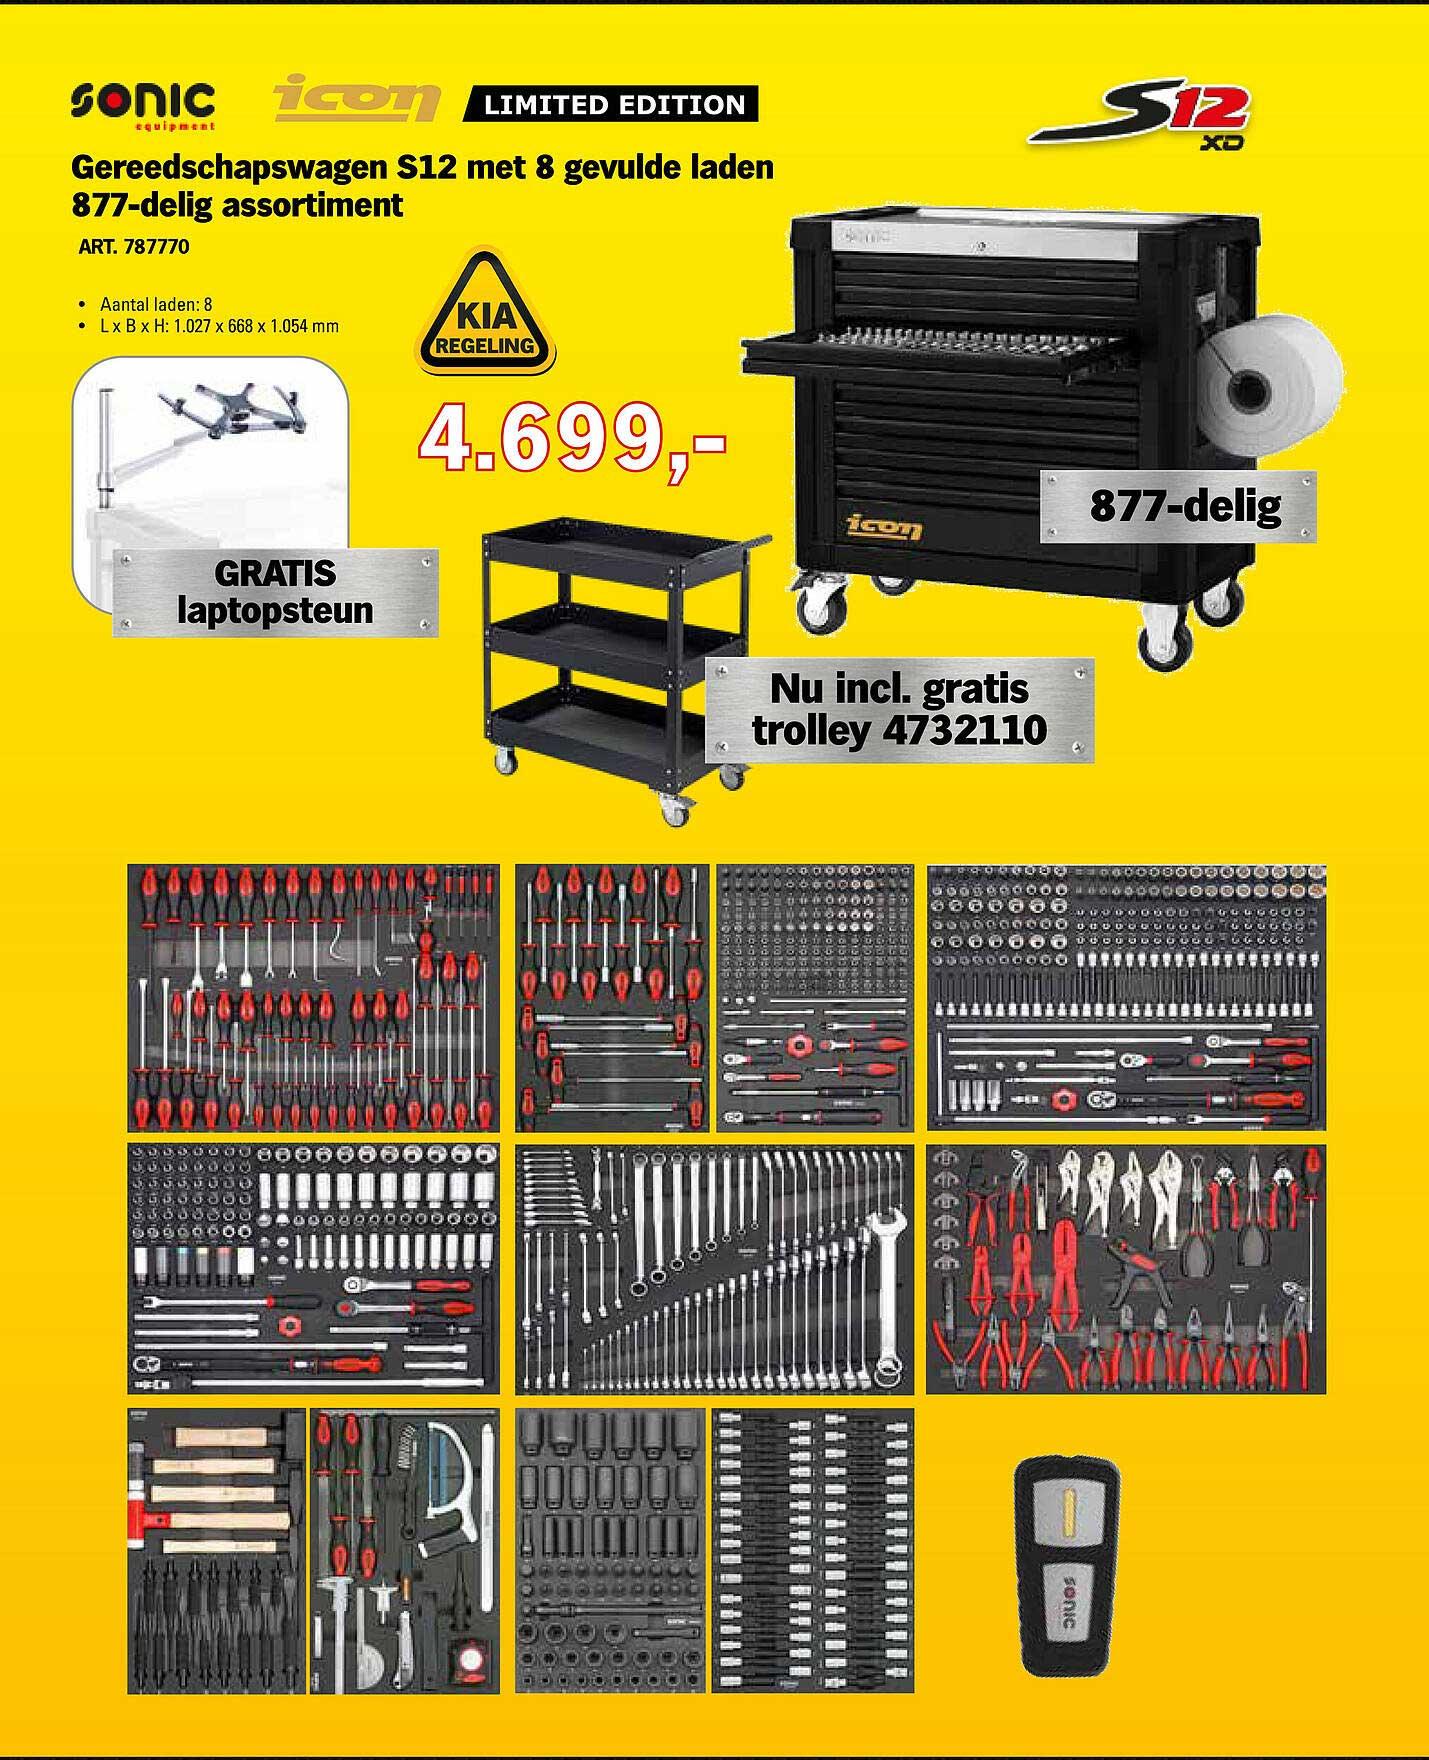 Toolspecial Sonic Gereedschapswagen S12 Met 8 Gevulde Laden 877-Delig Assortiment